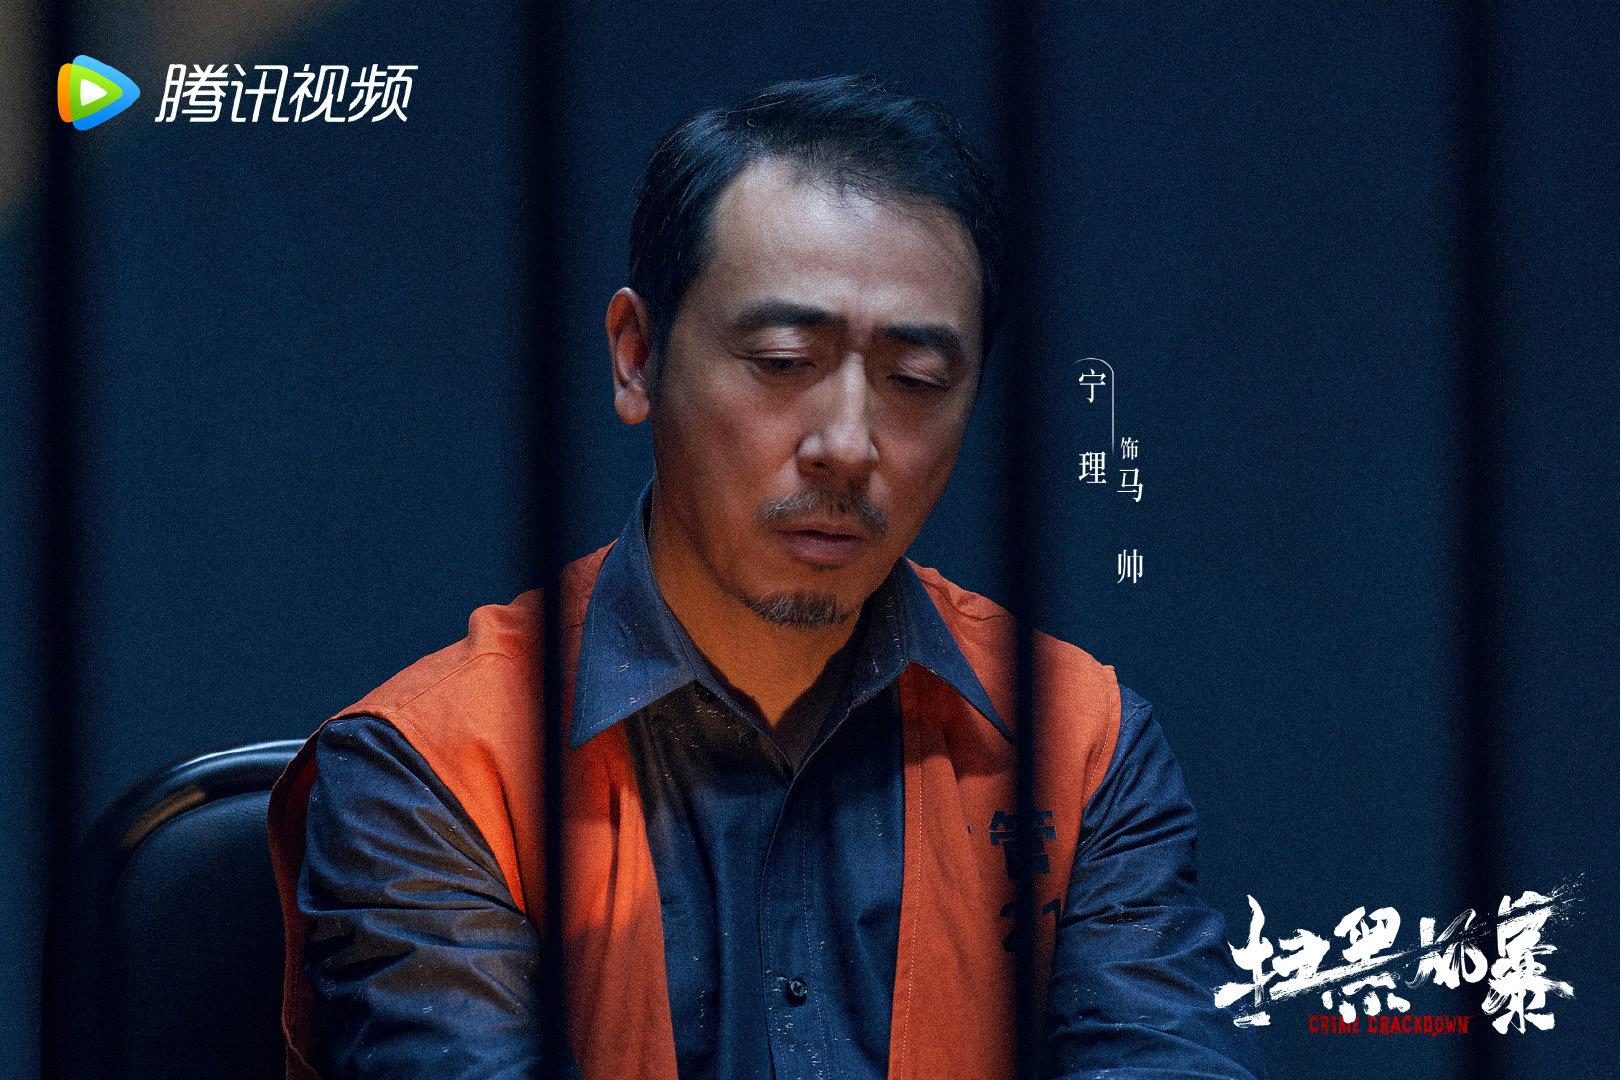 《扫黑风暴》剧照:马帅